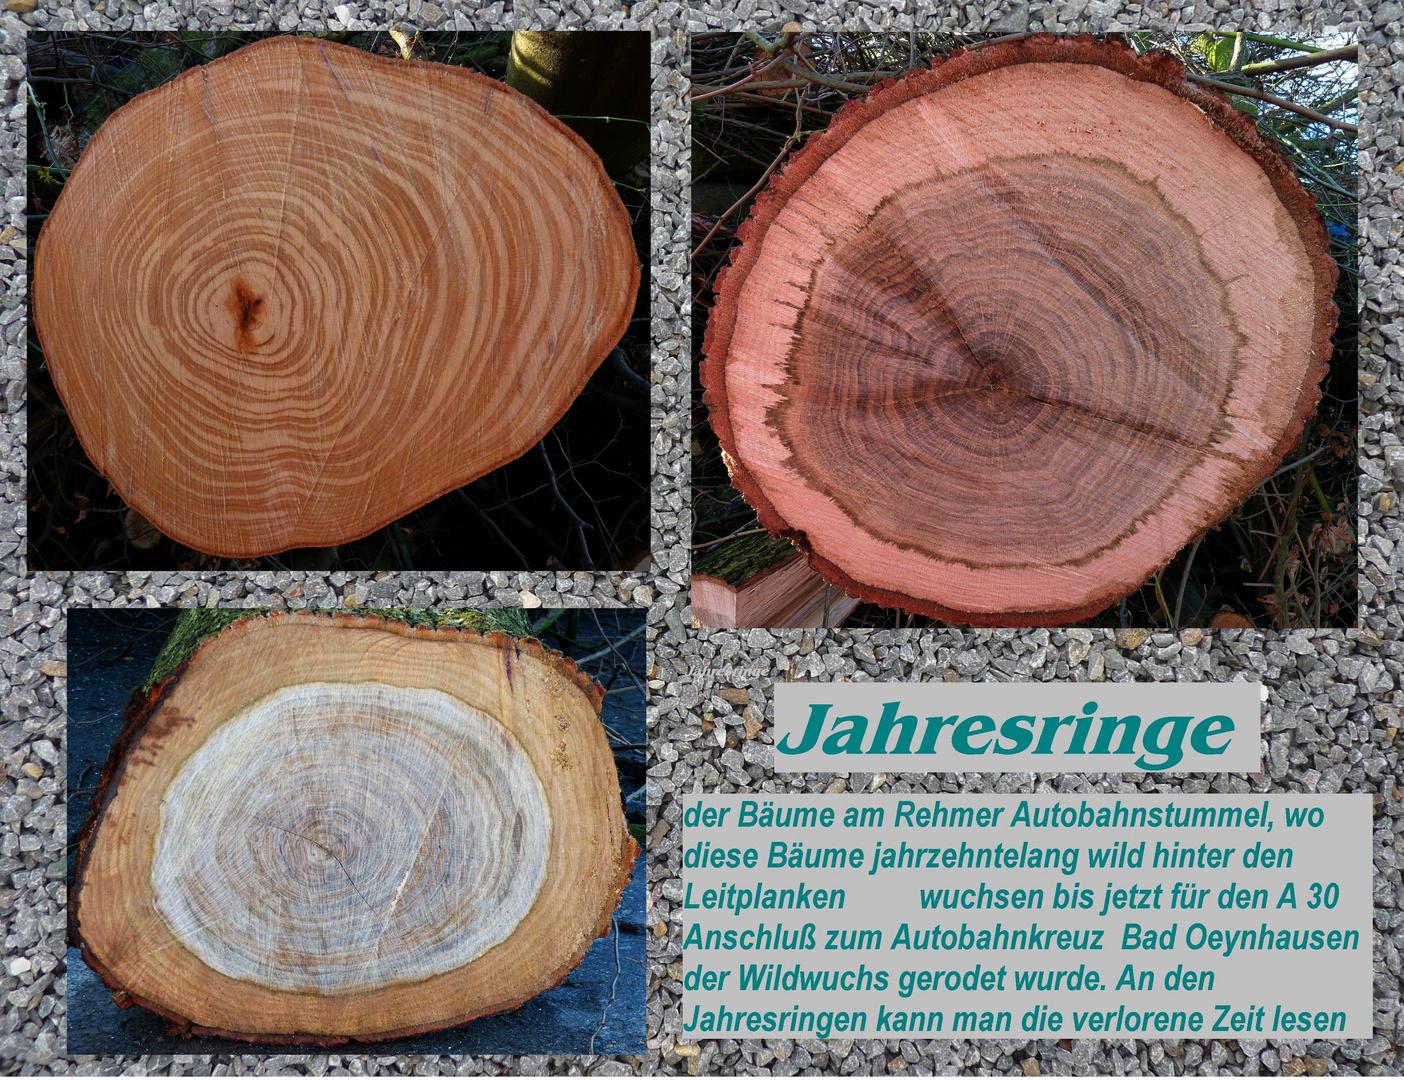 Jahresringe der A 30 Bäume